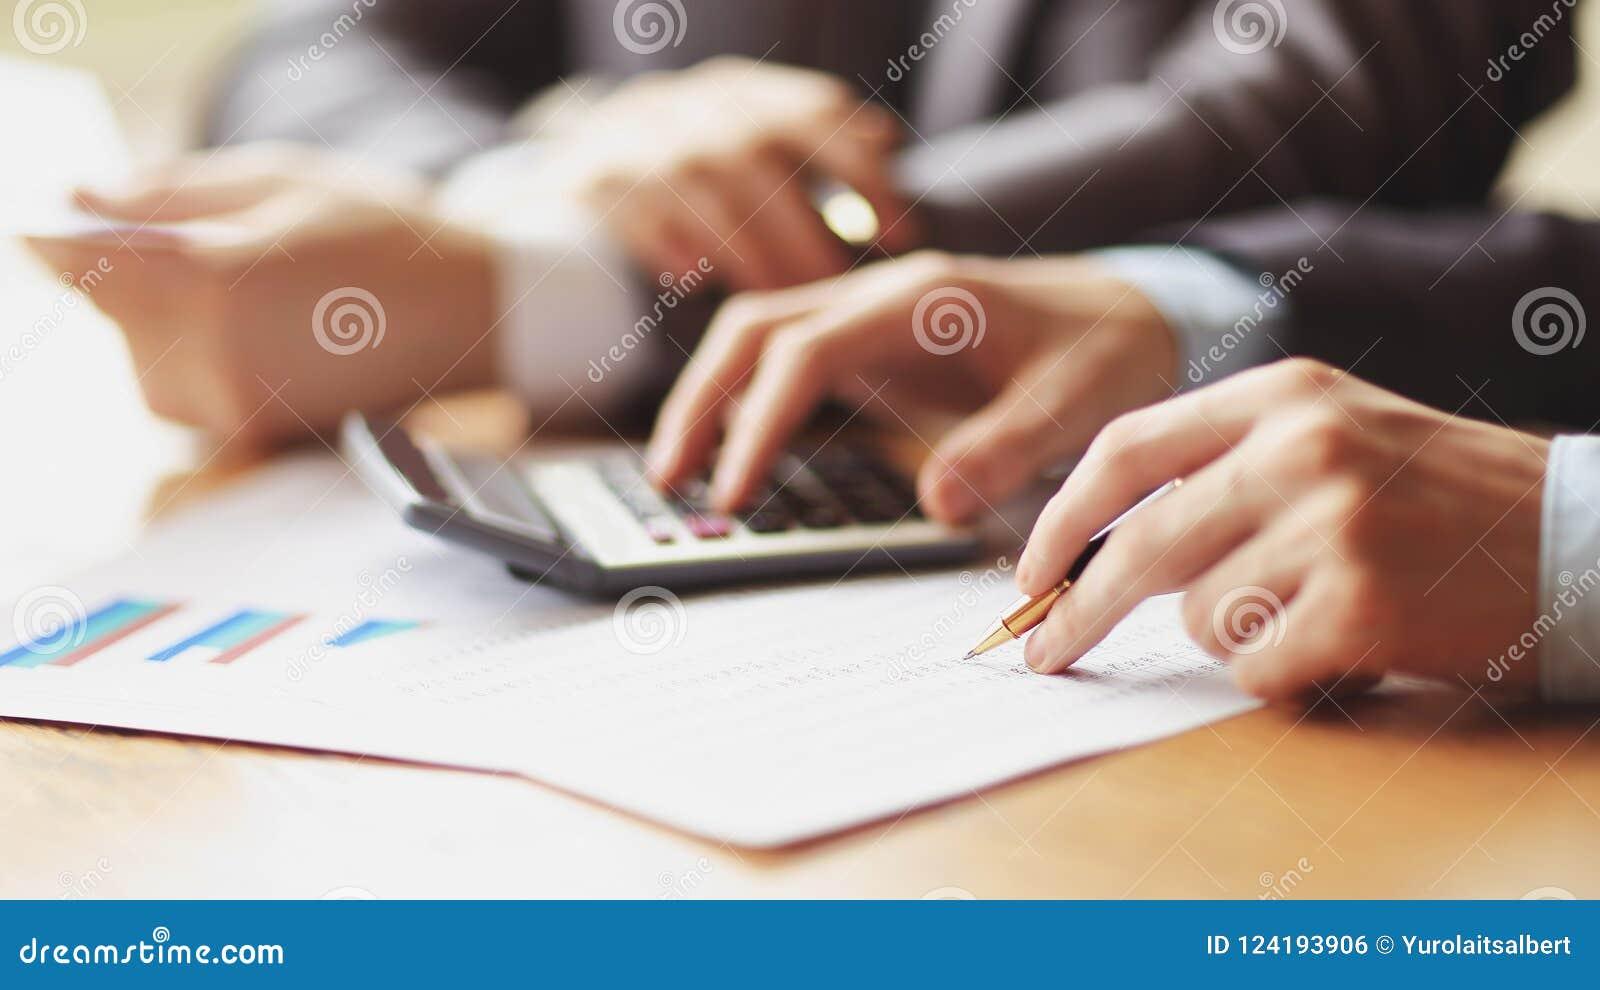 Κλείστε επάνω του μολυβιού εκμετάλλευσης χεριών επιχειρηματιών ή λογιστών που λειτουργεί στον υπολογιστή για να υπολογίσει την οι